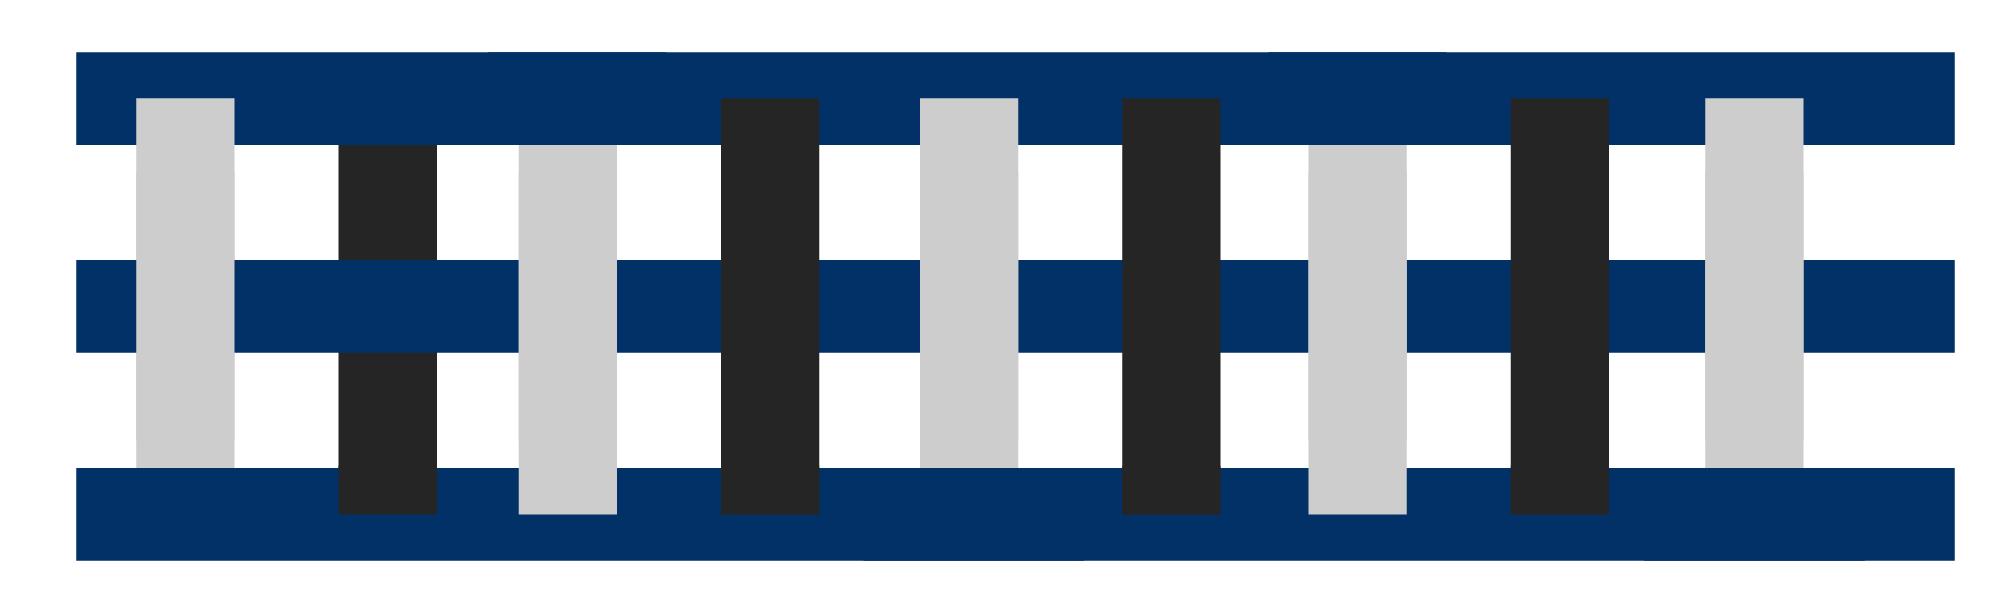 LewisJewelers-Logo-Colors-31.png